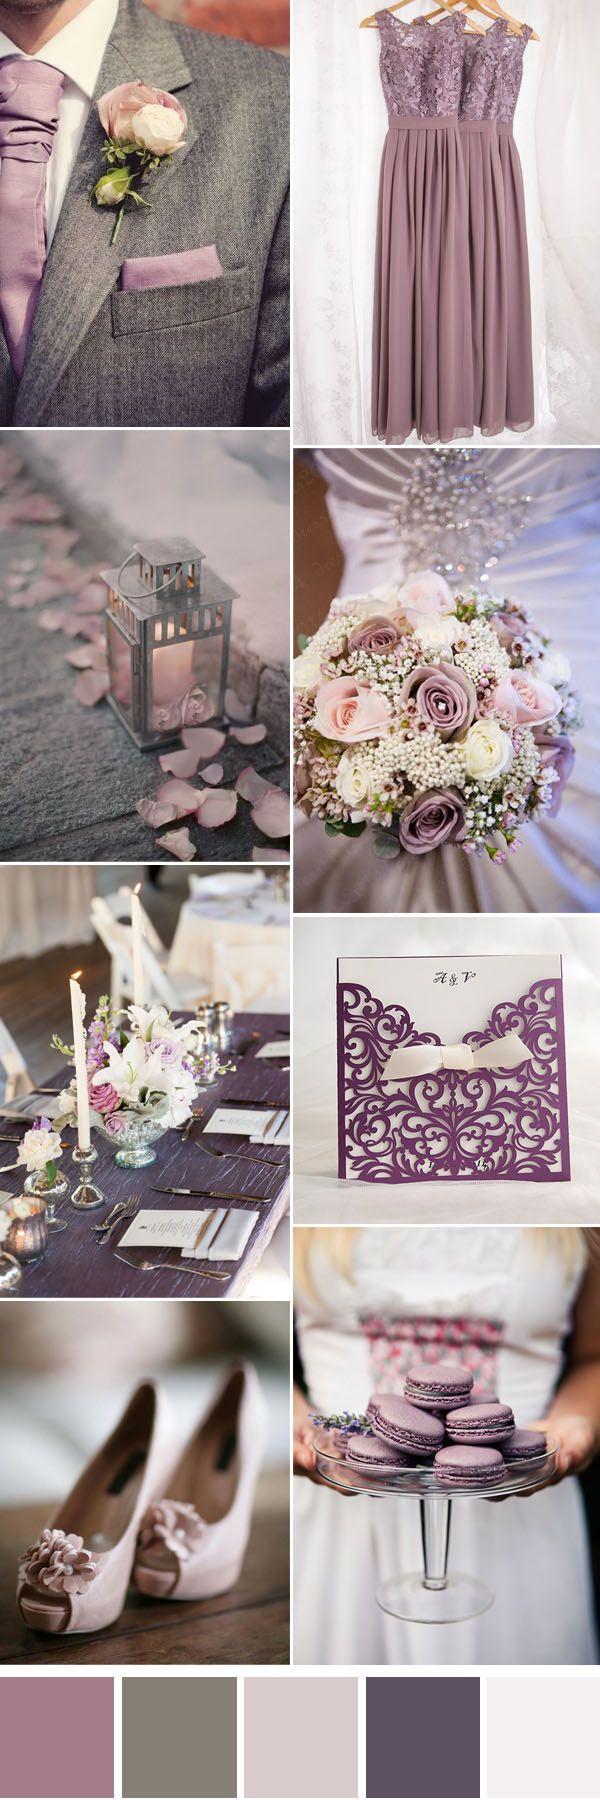 lilás e cinza idéias da cor do casamento neutro